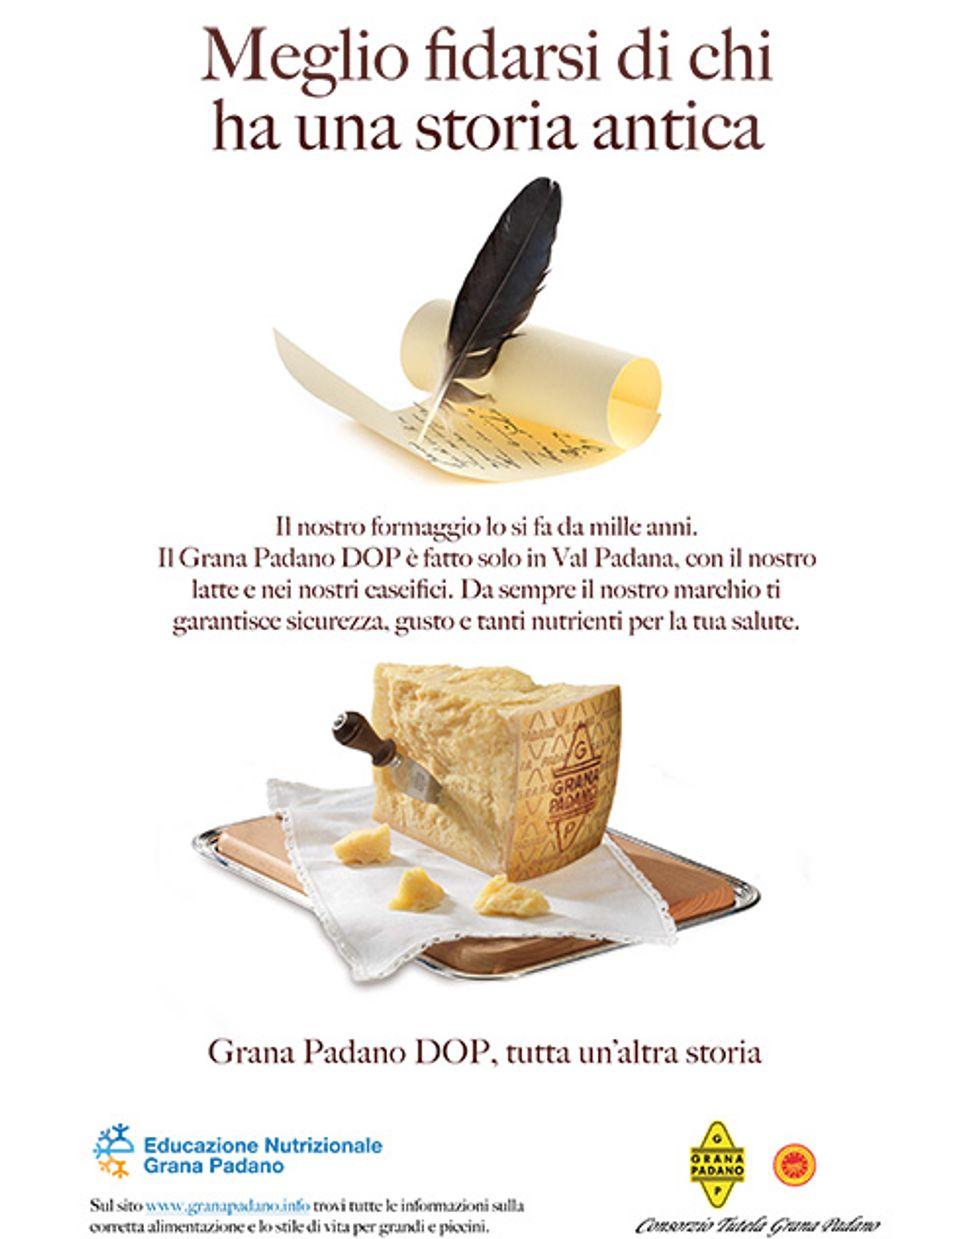 Il Don Chisciotte sardo contro il Grana Padano